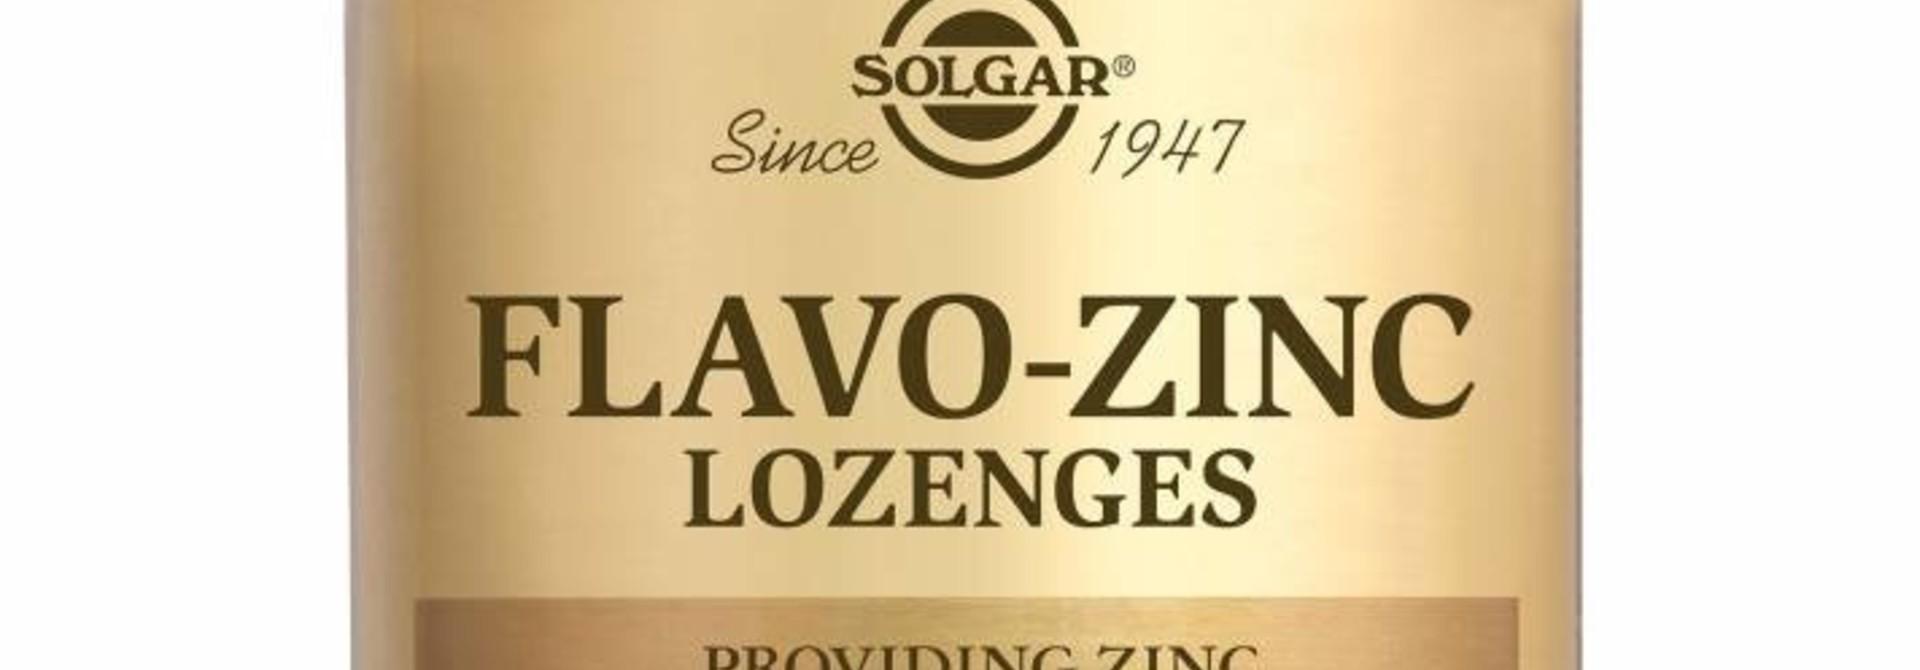 Product van de maand: Solgar Flavo Zinc Lozenges